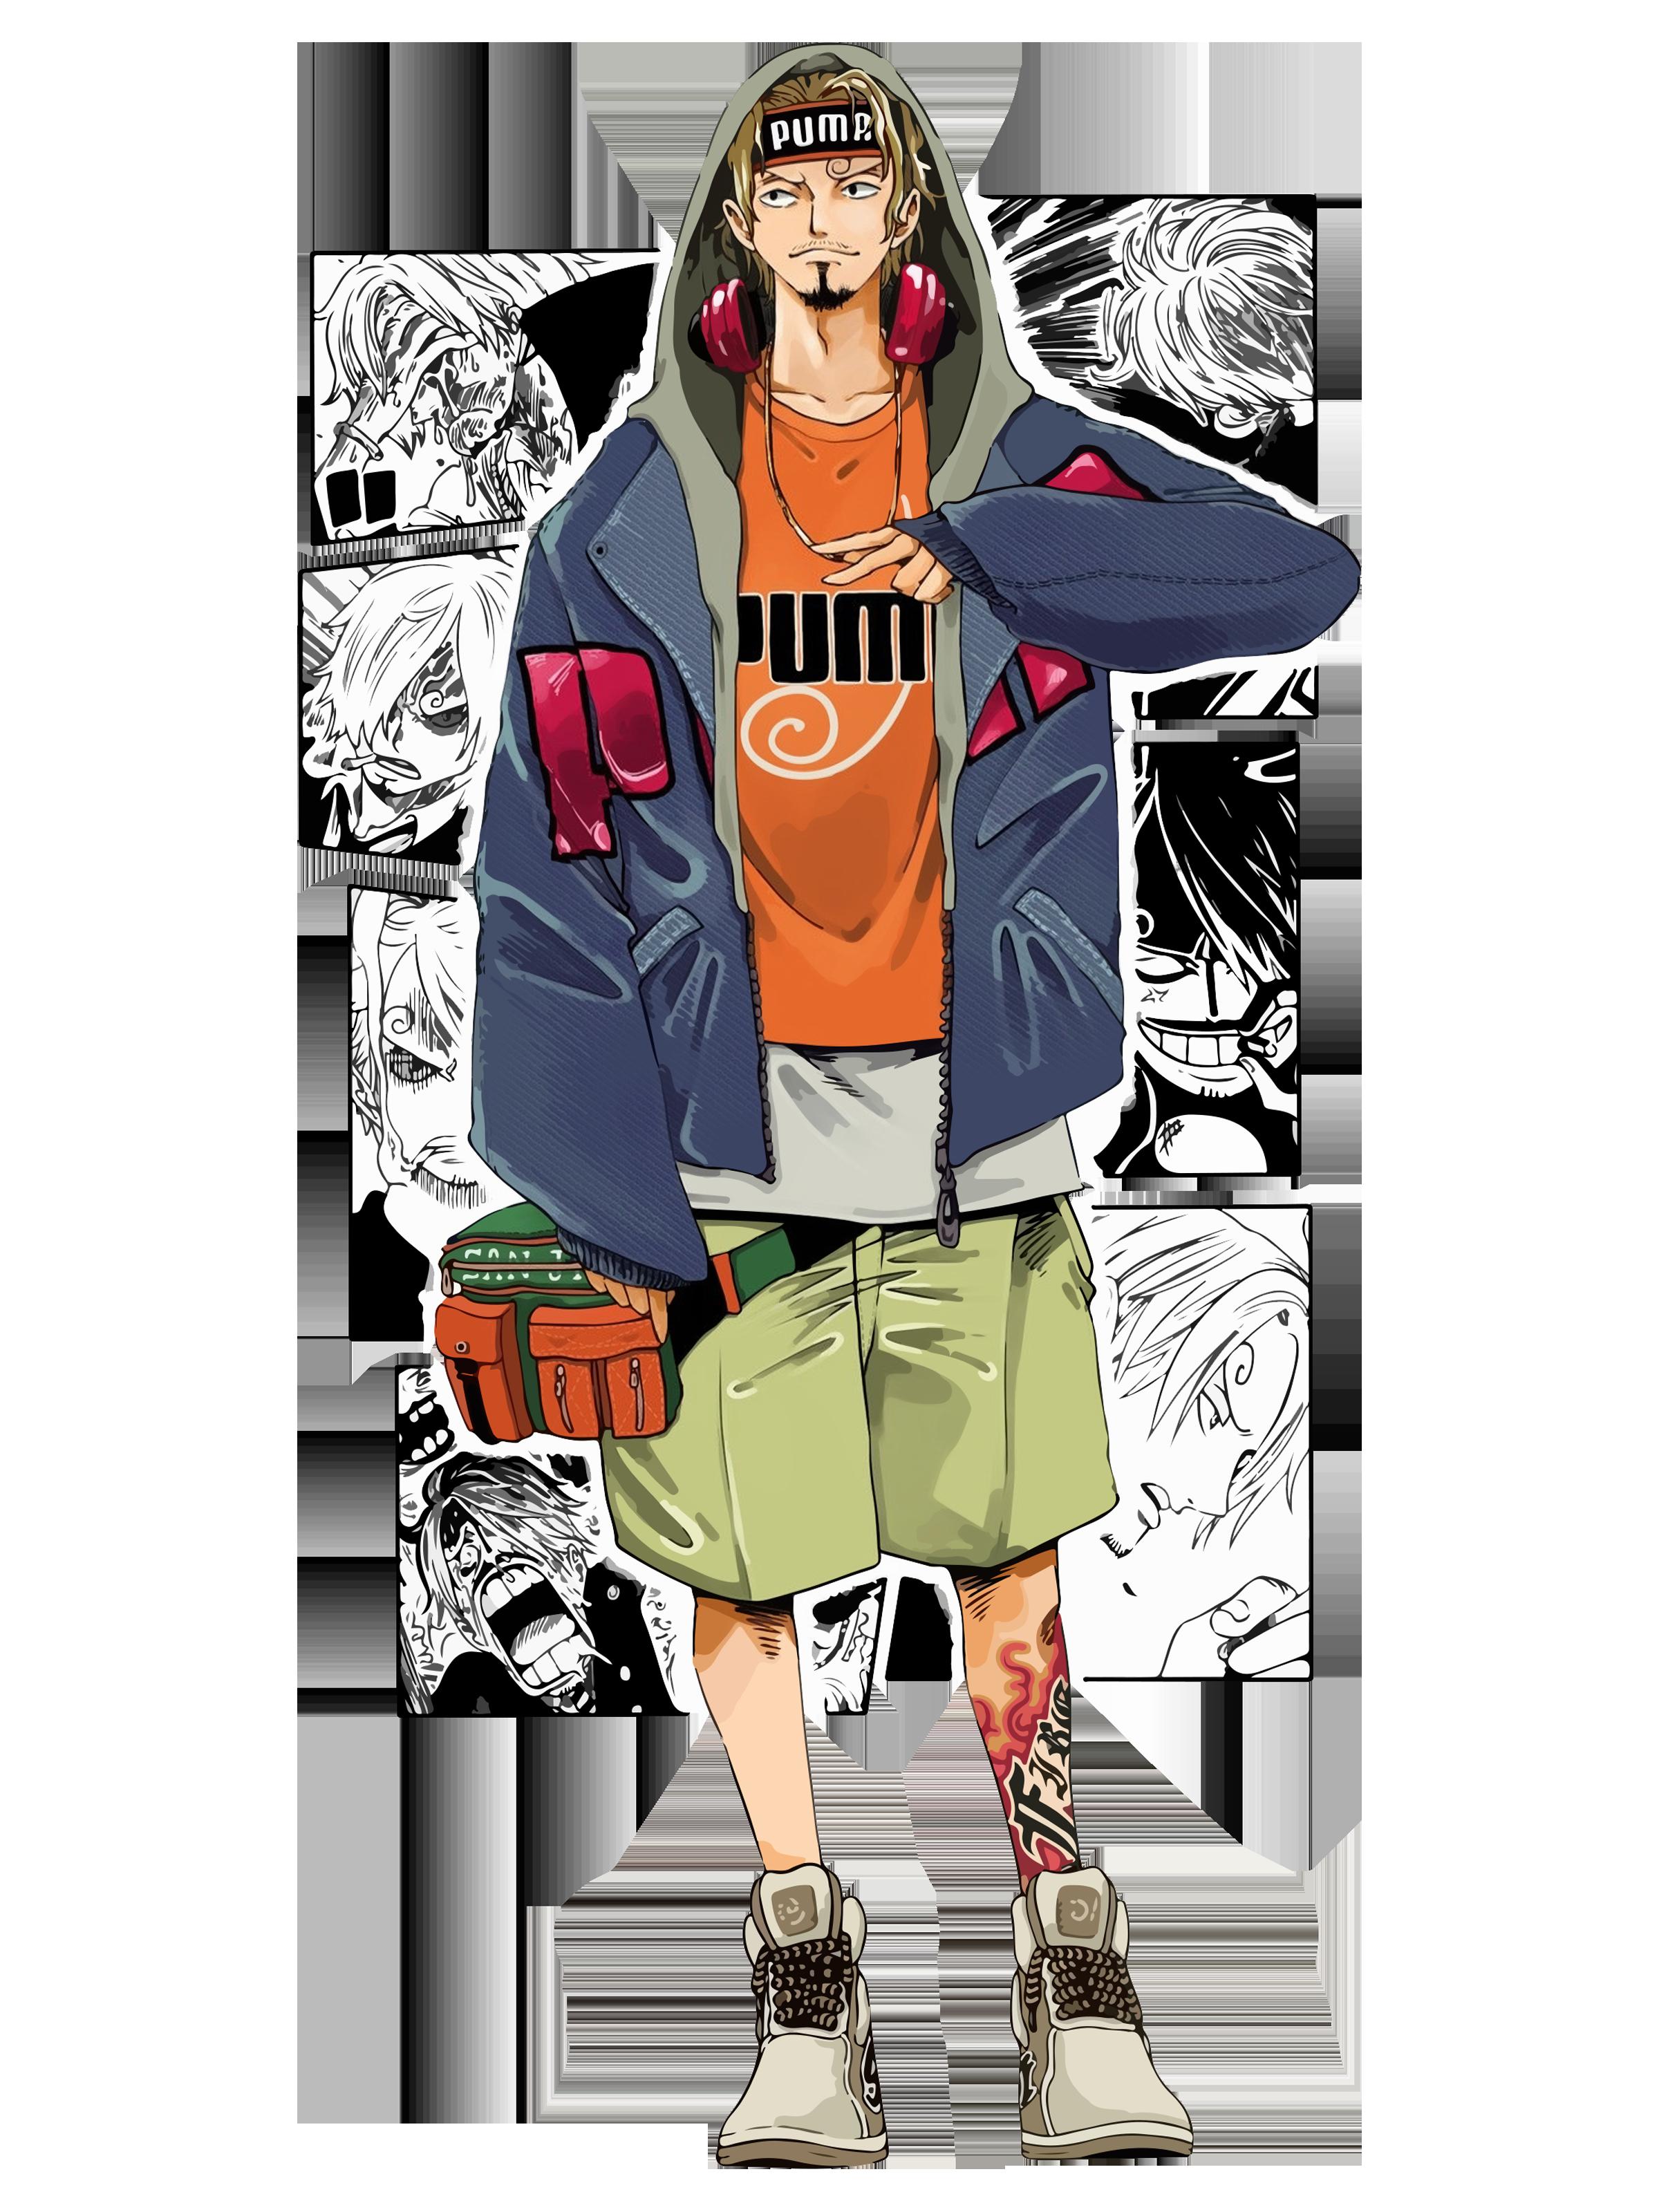 Pin On Anime Stil